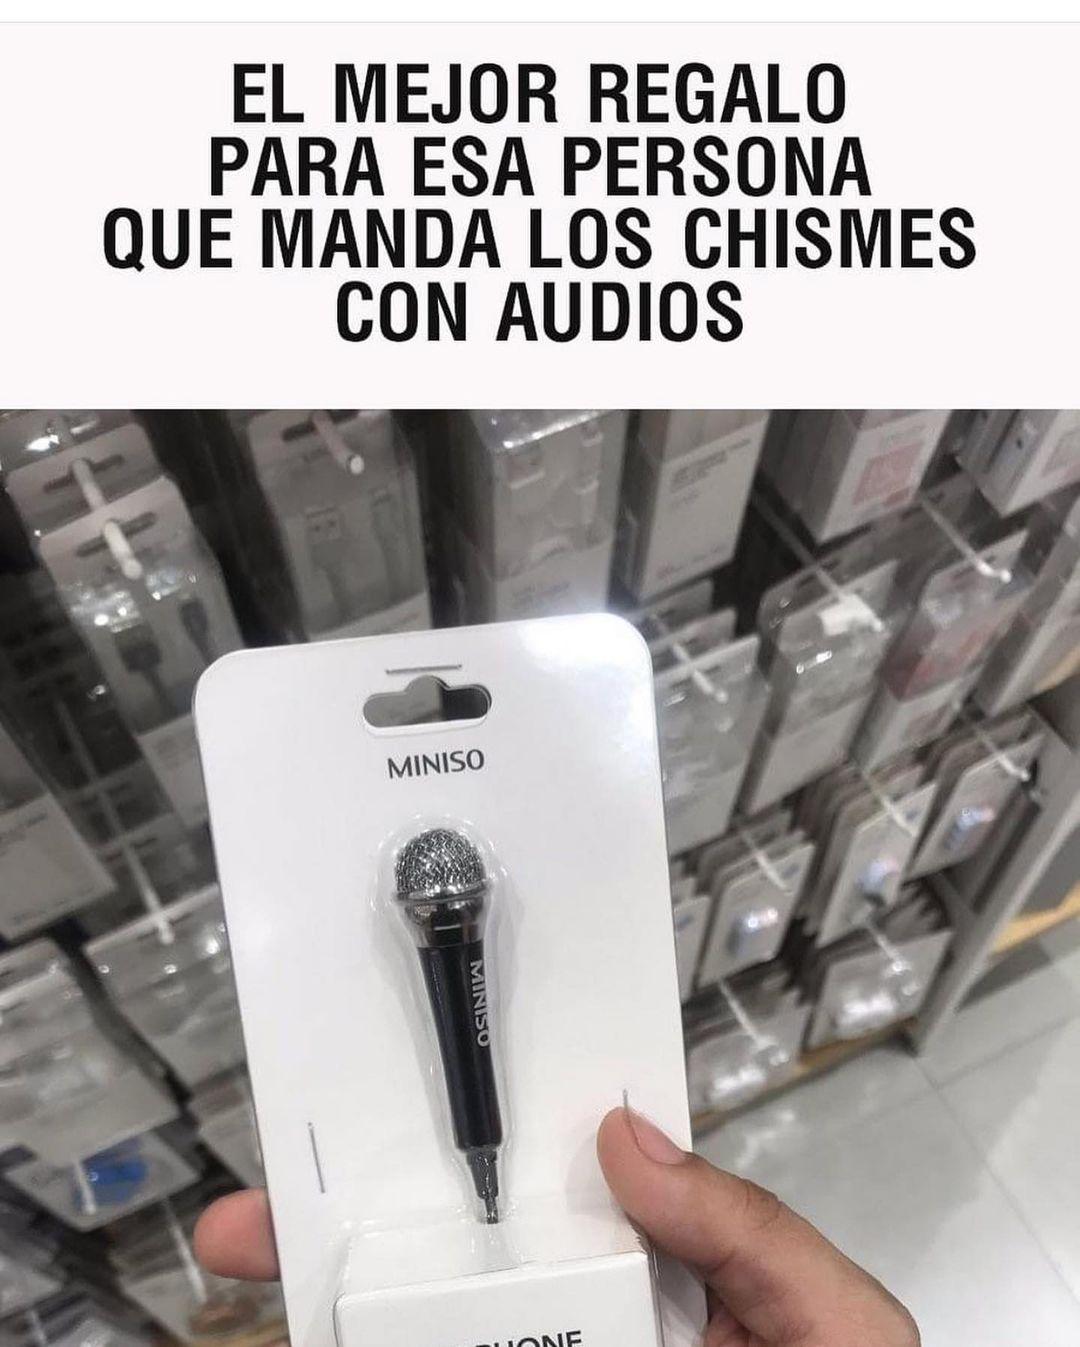 El mejor regalo para esa persona que manda los chismes con audios miniso.